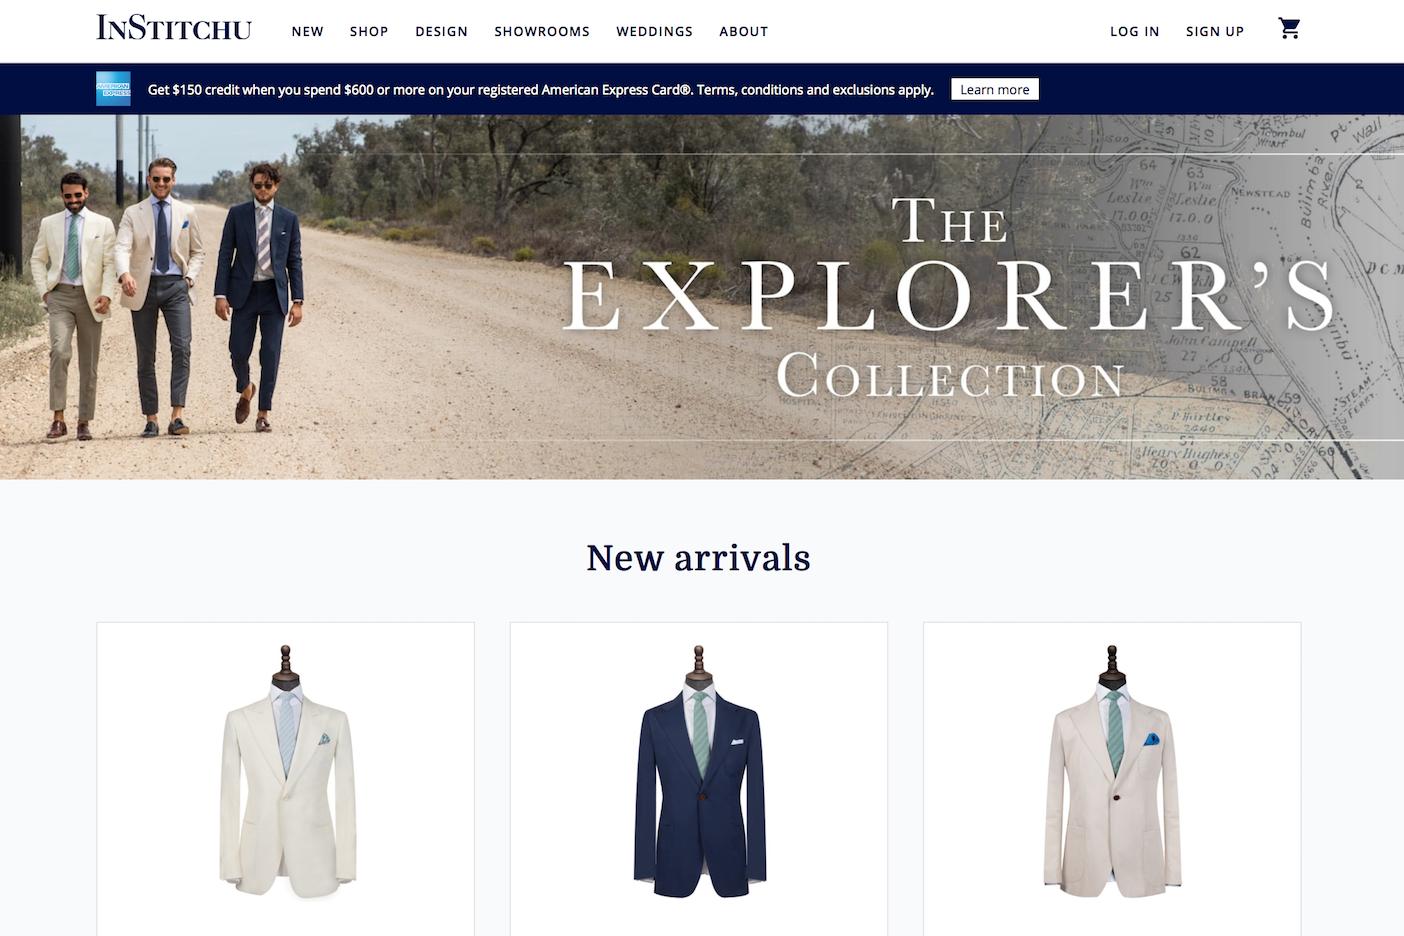 中国大杨创世集团250万美元战略投资澳大利亚互联网定制男装品牌 InStitchu